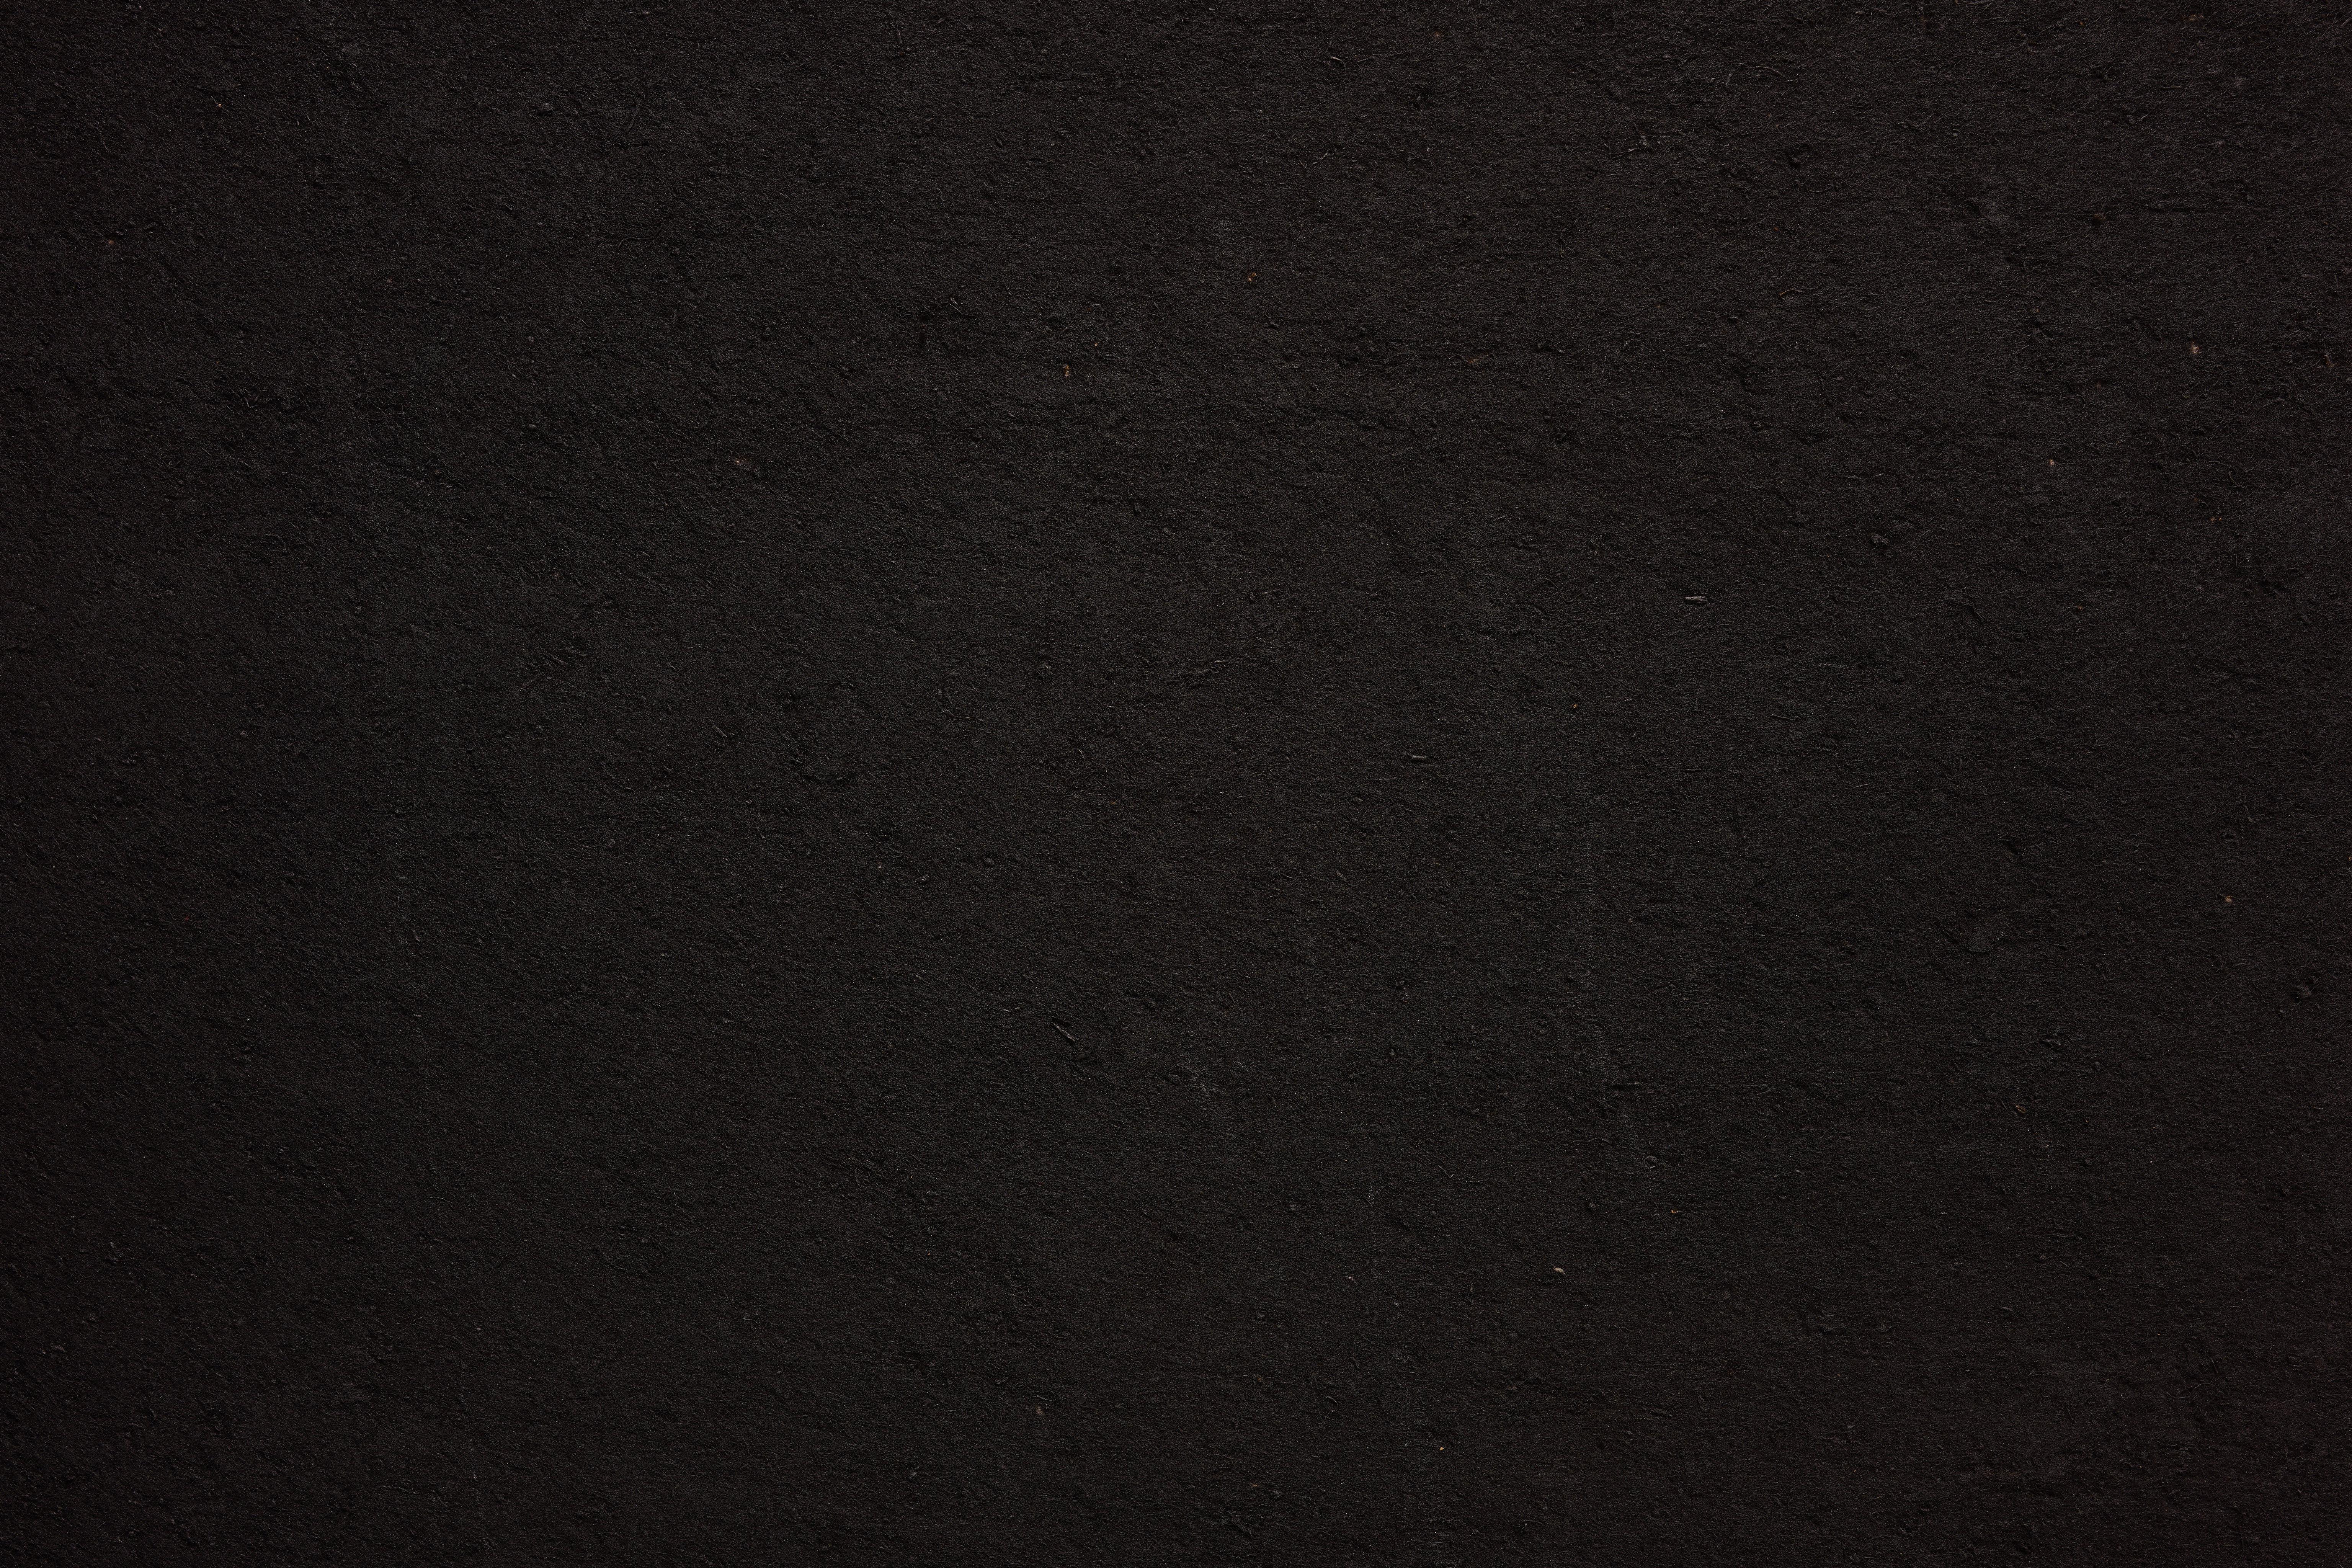 78447 télécharger le fond d'écran Surface, Texture, Le Noir - économiseurs d'écran et images gratuitement